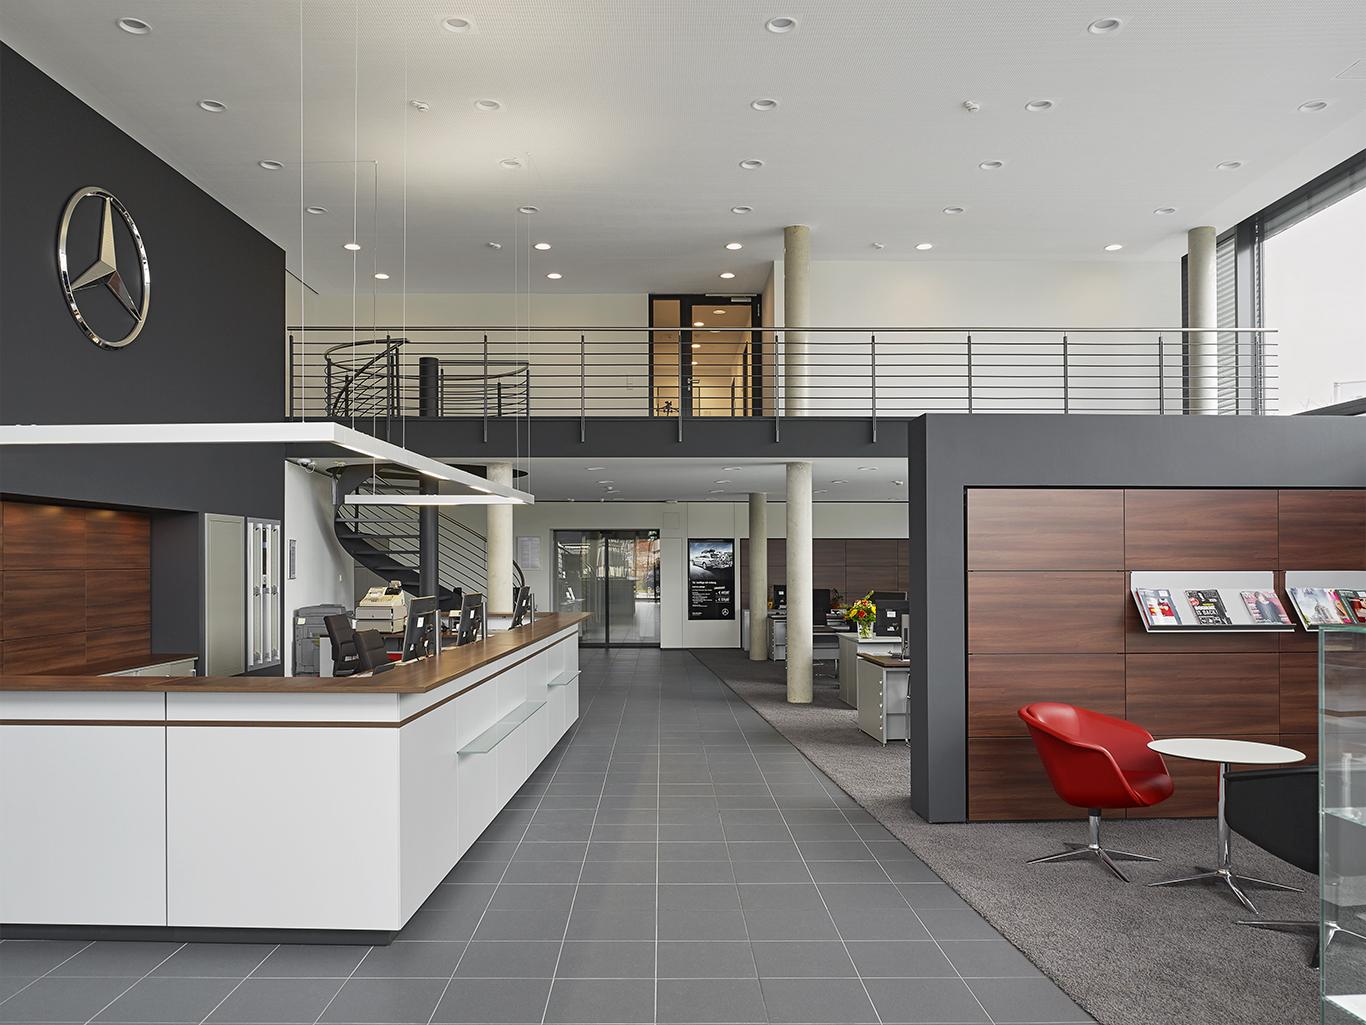 eine mercedes benz niederlassung achim birnbaum architektur fotografie. Black Bedroom Furniture Sets. Home Design Ideas